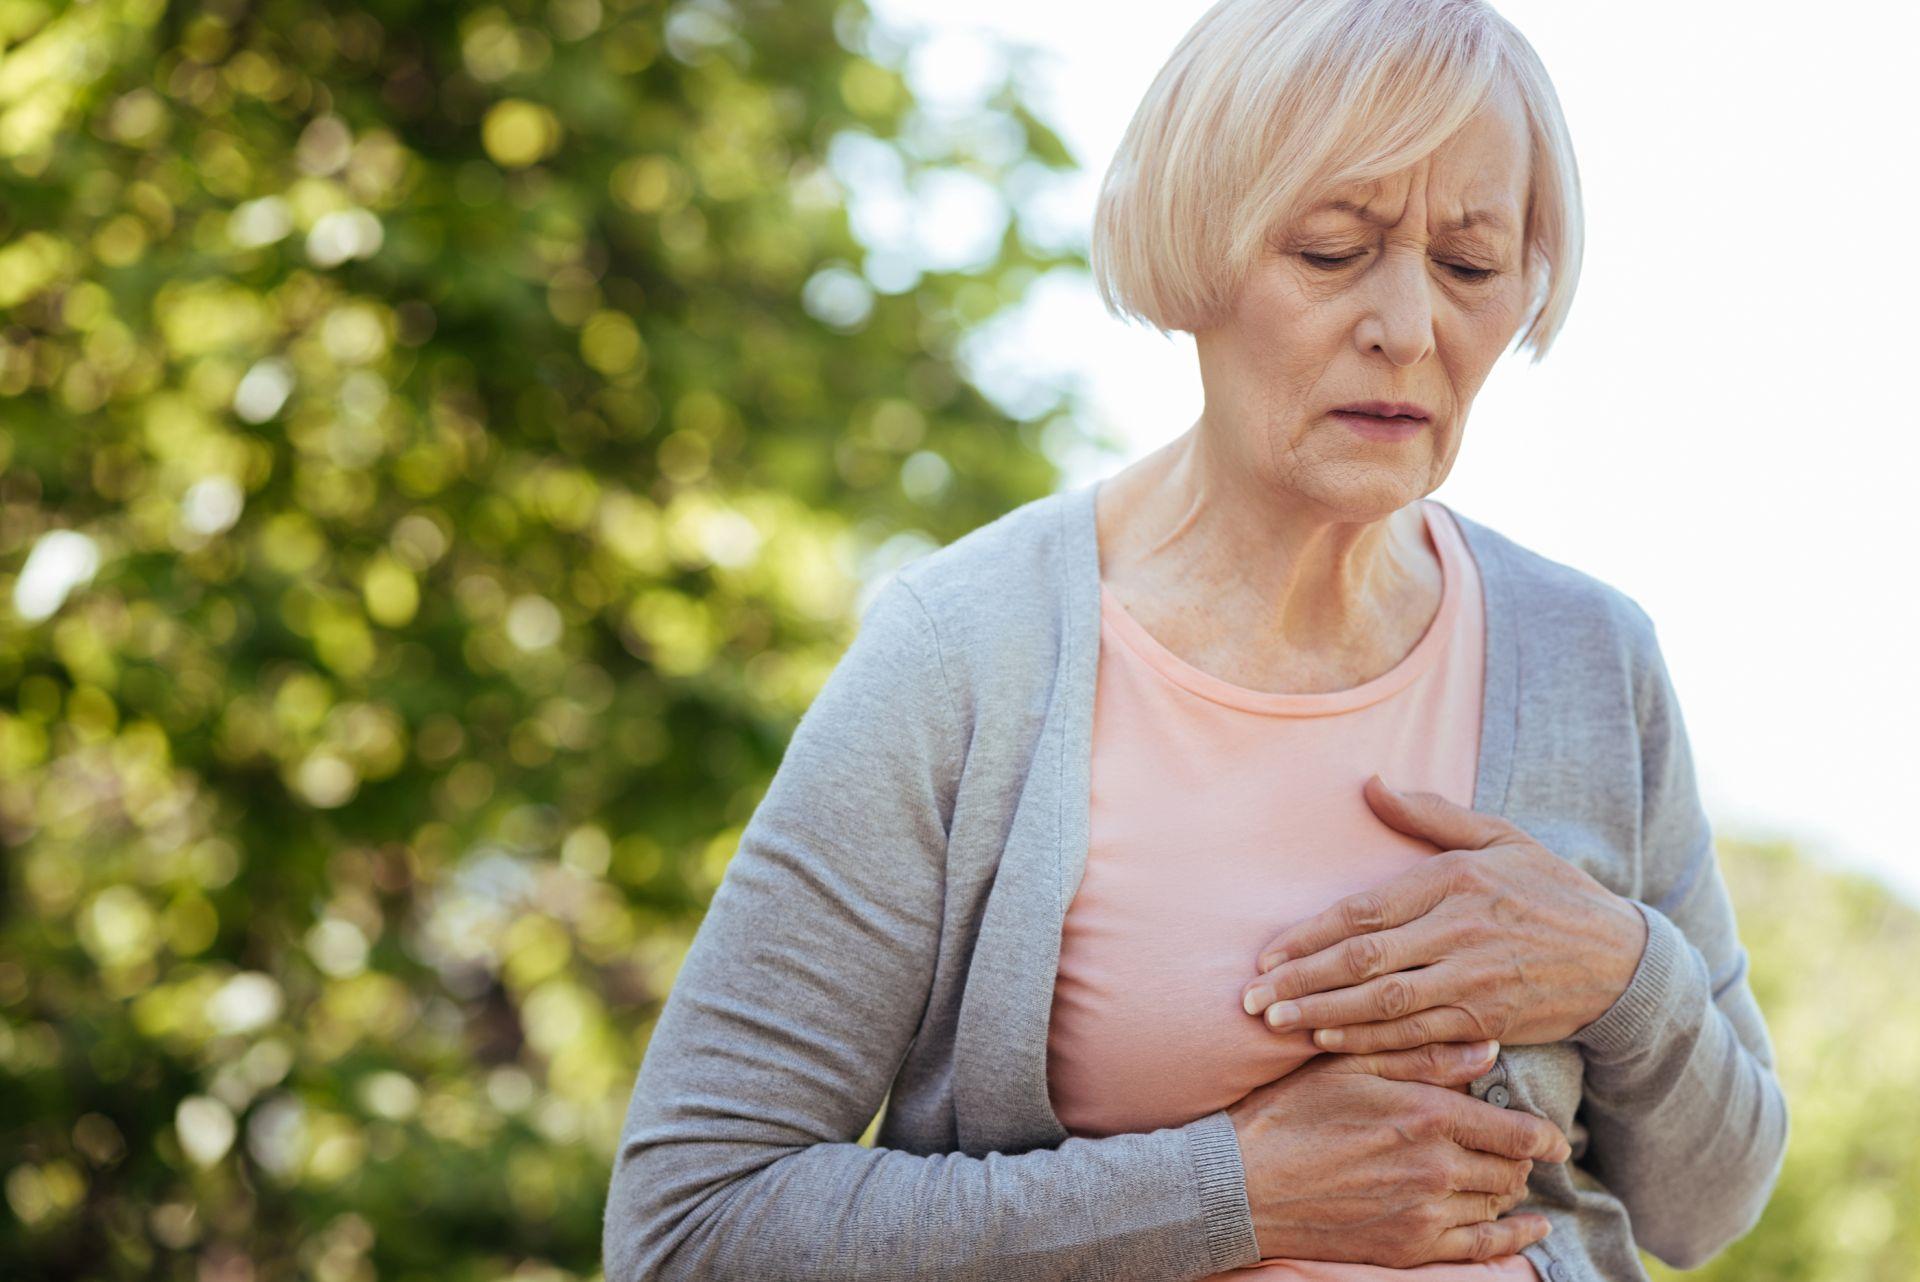 O risco cardíaco do paciente também pode ser detectado no exame. Foto: Bigstock.